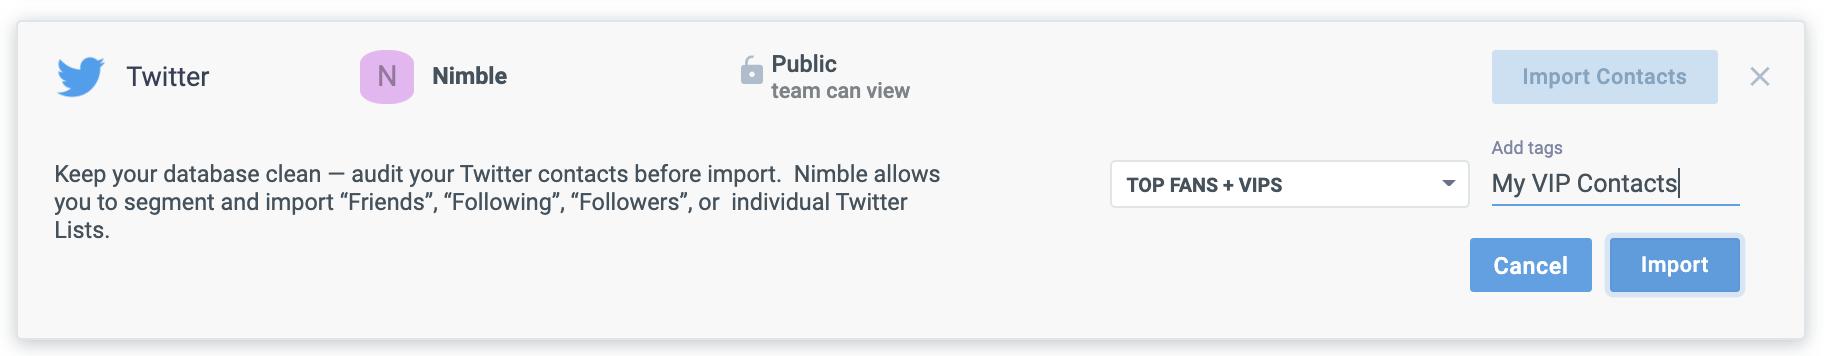 Twitter contact import screenshot